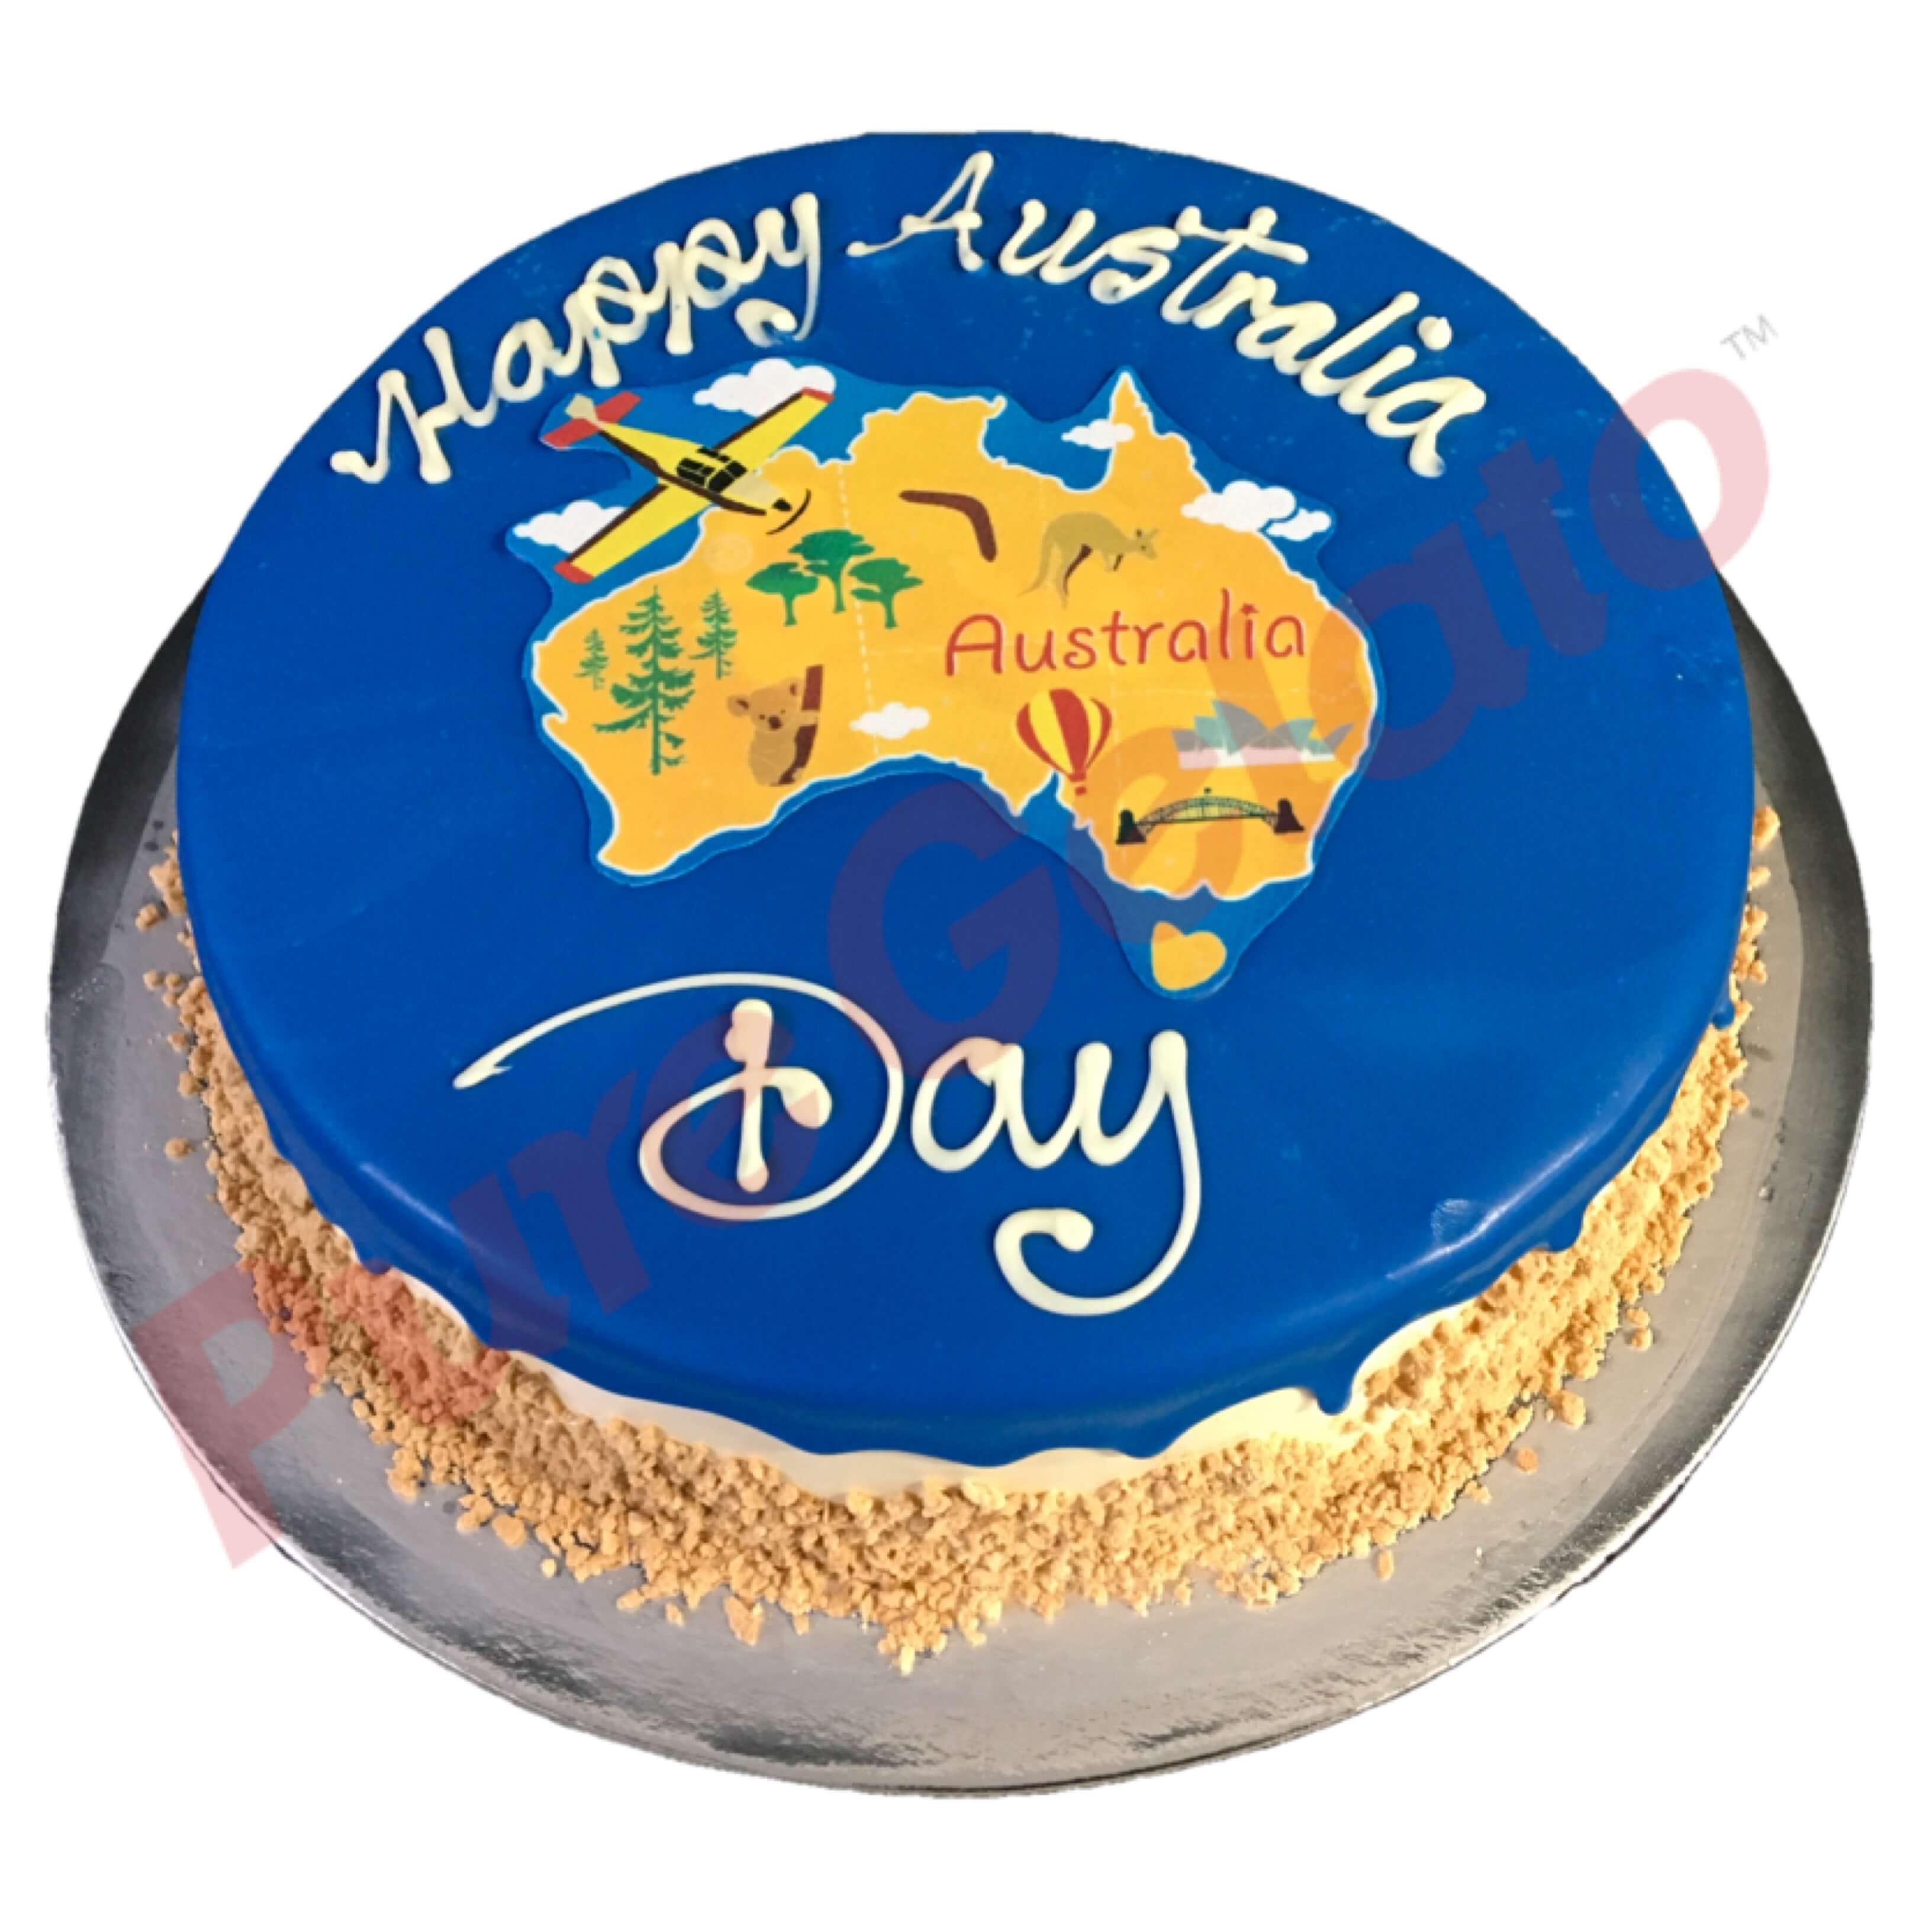 Australia Day Cakes